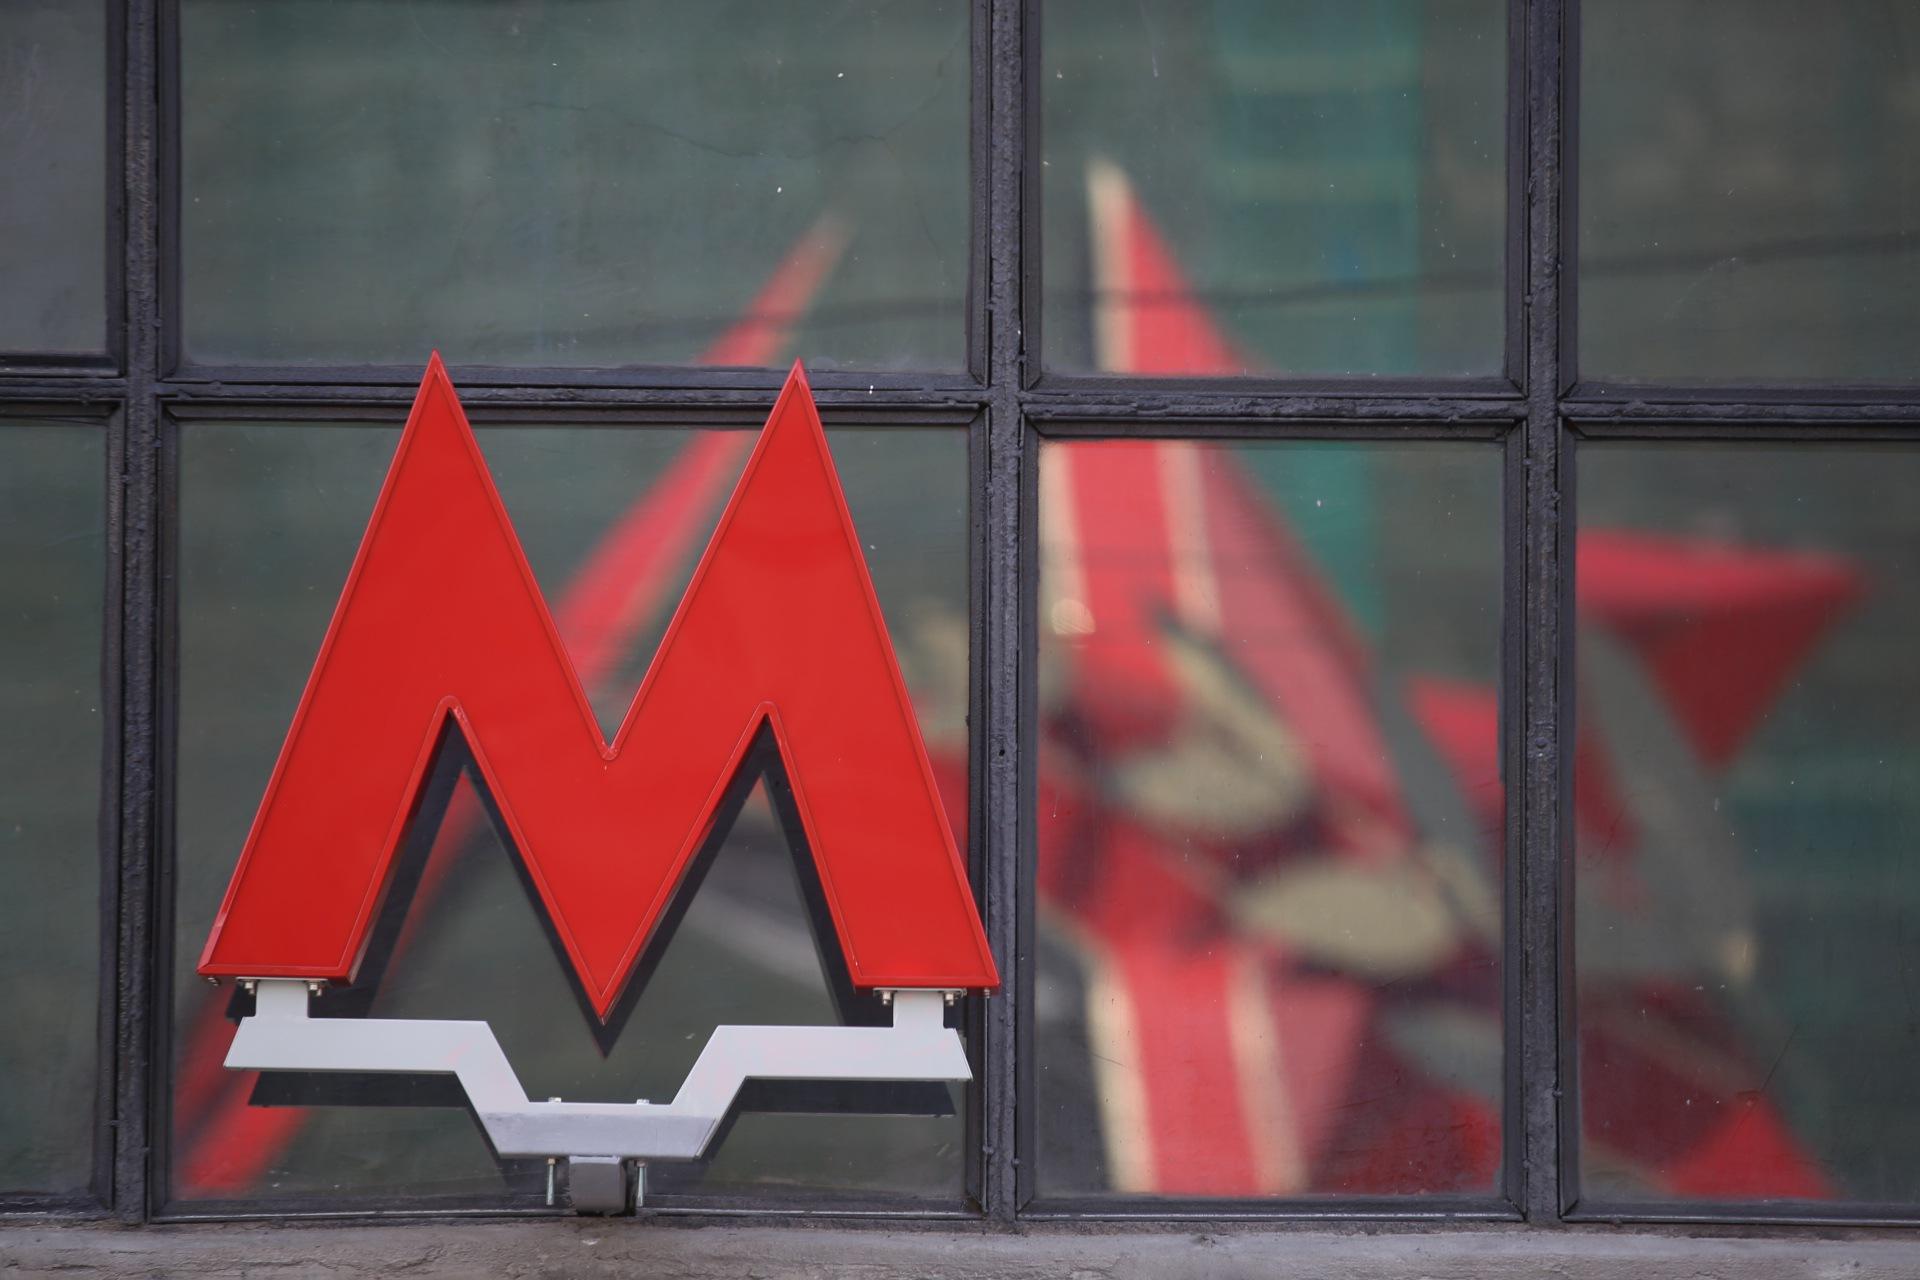 Оранжевая линия метро Москвы «поехала» после извлечения пассажира с путей